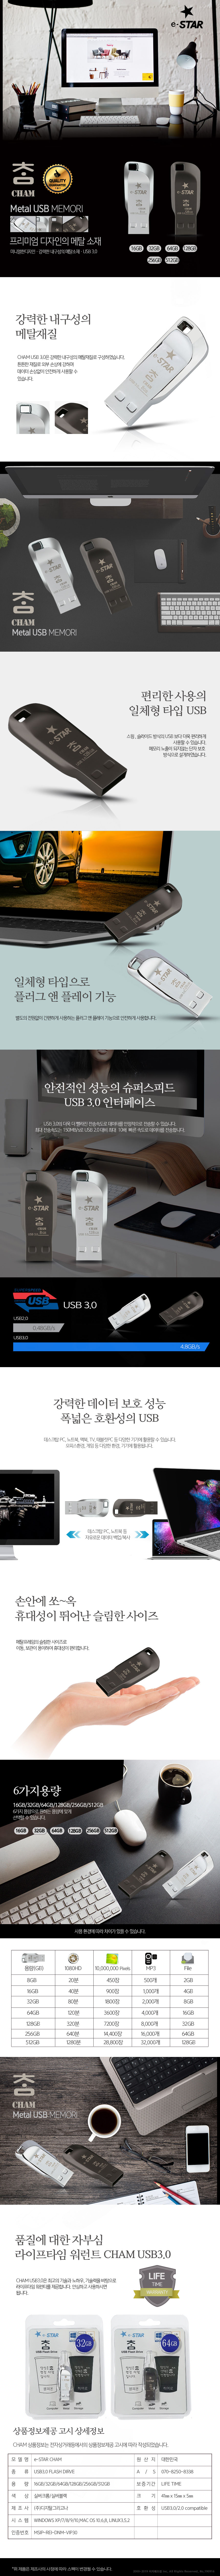 디지탈그리고나 e-STAR CHAM USB 3.0 (32GB)